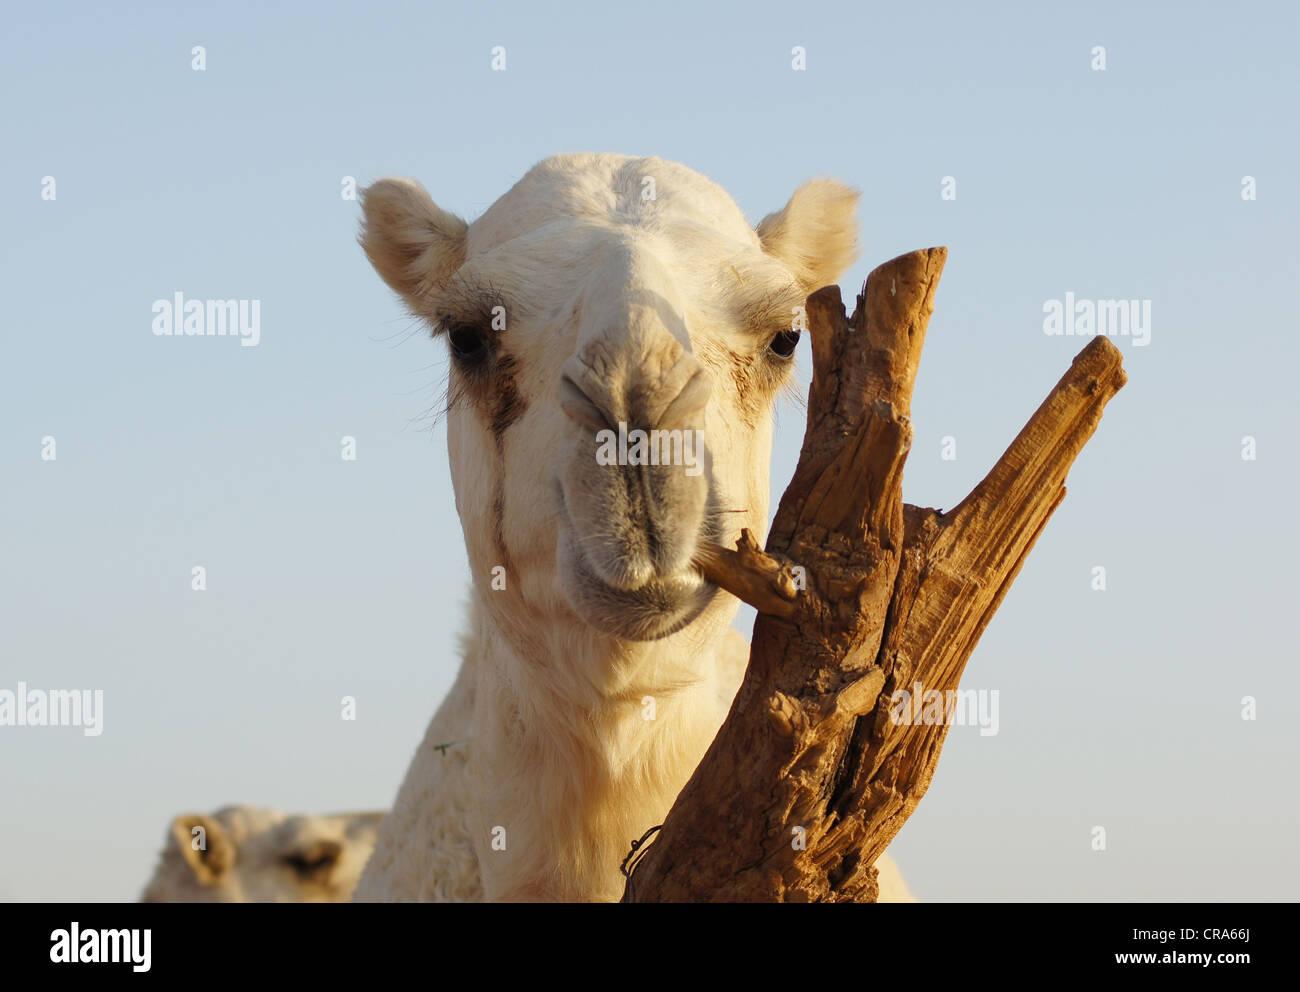 Camello masticando tocón de árbol. Arenas rojas del desierto, Riad, Reino de Arabia Saudita Imagen De Stock